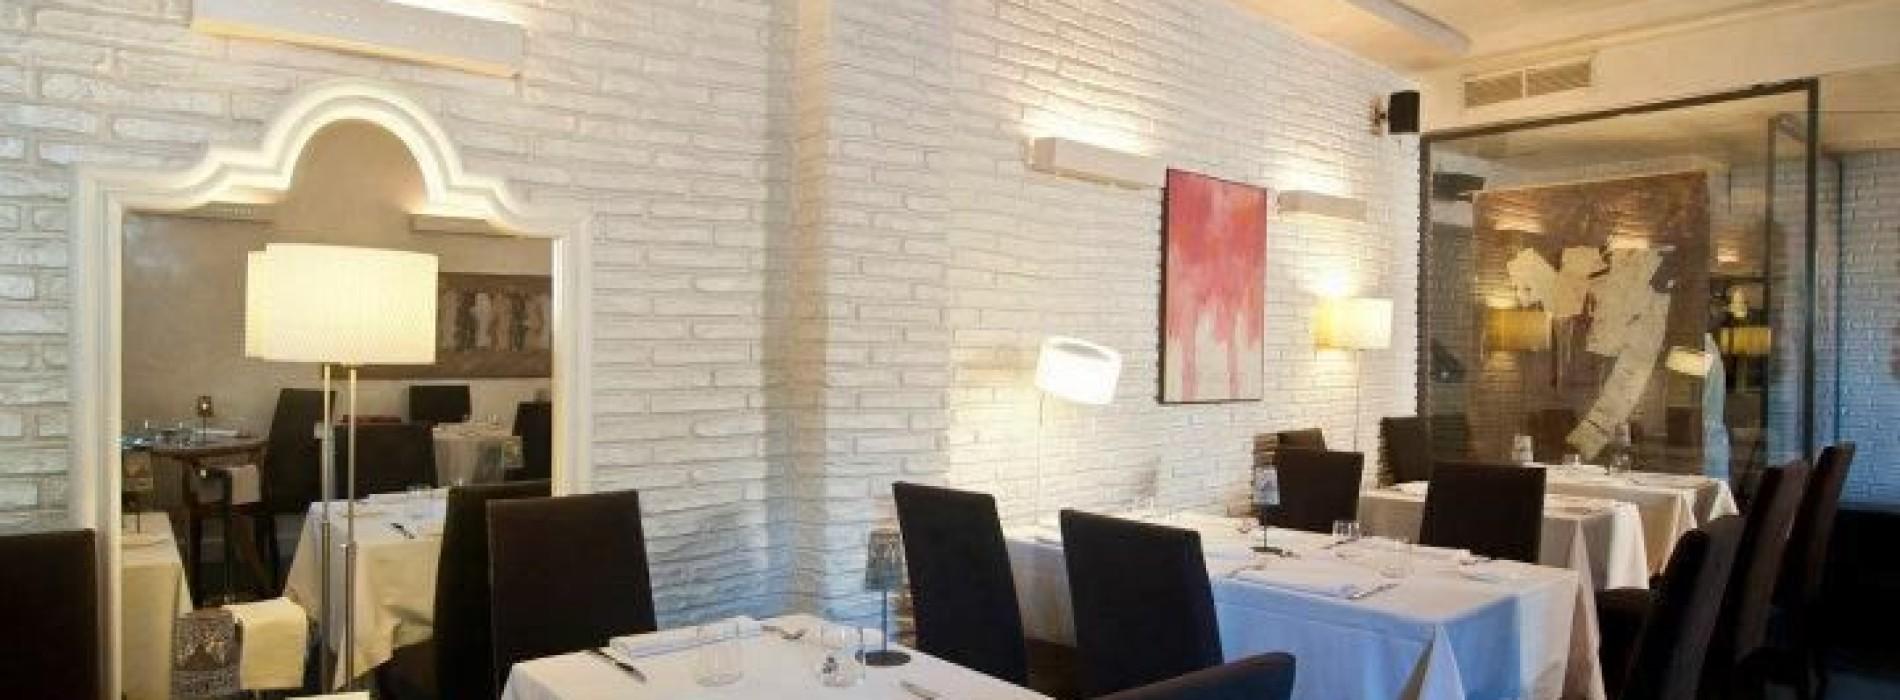 Cenone di Capodanno 2014 a Roma: 30 ristoranti per salutare il 2013 (non solo con lenticchie e cotechino)